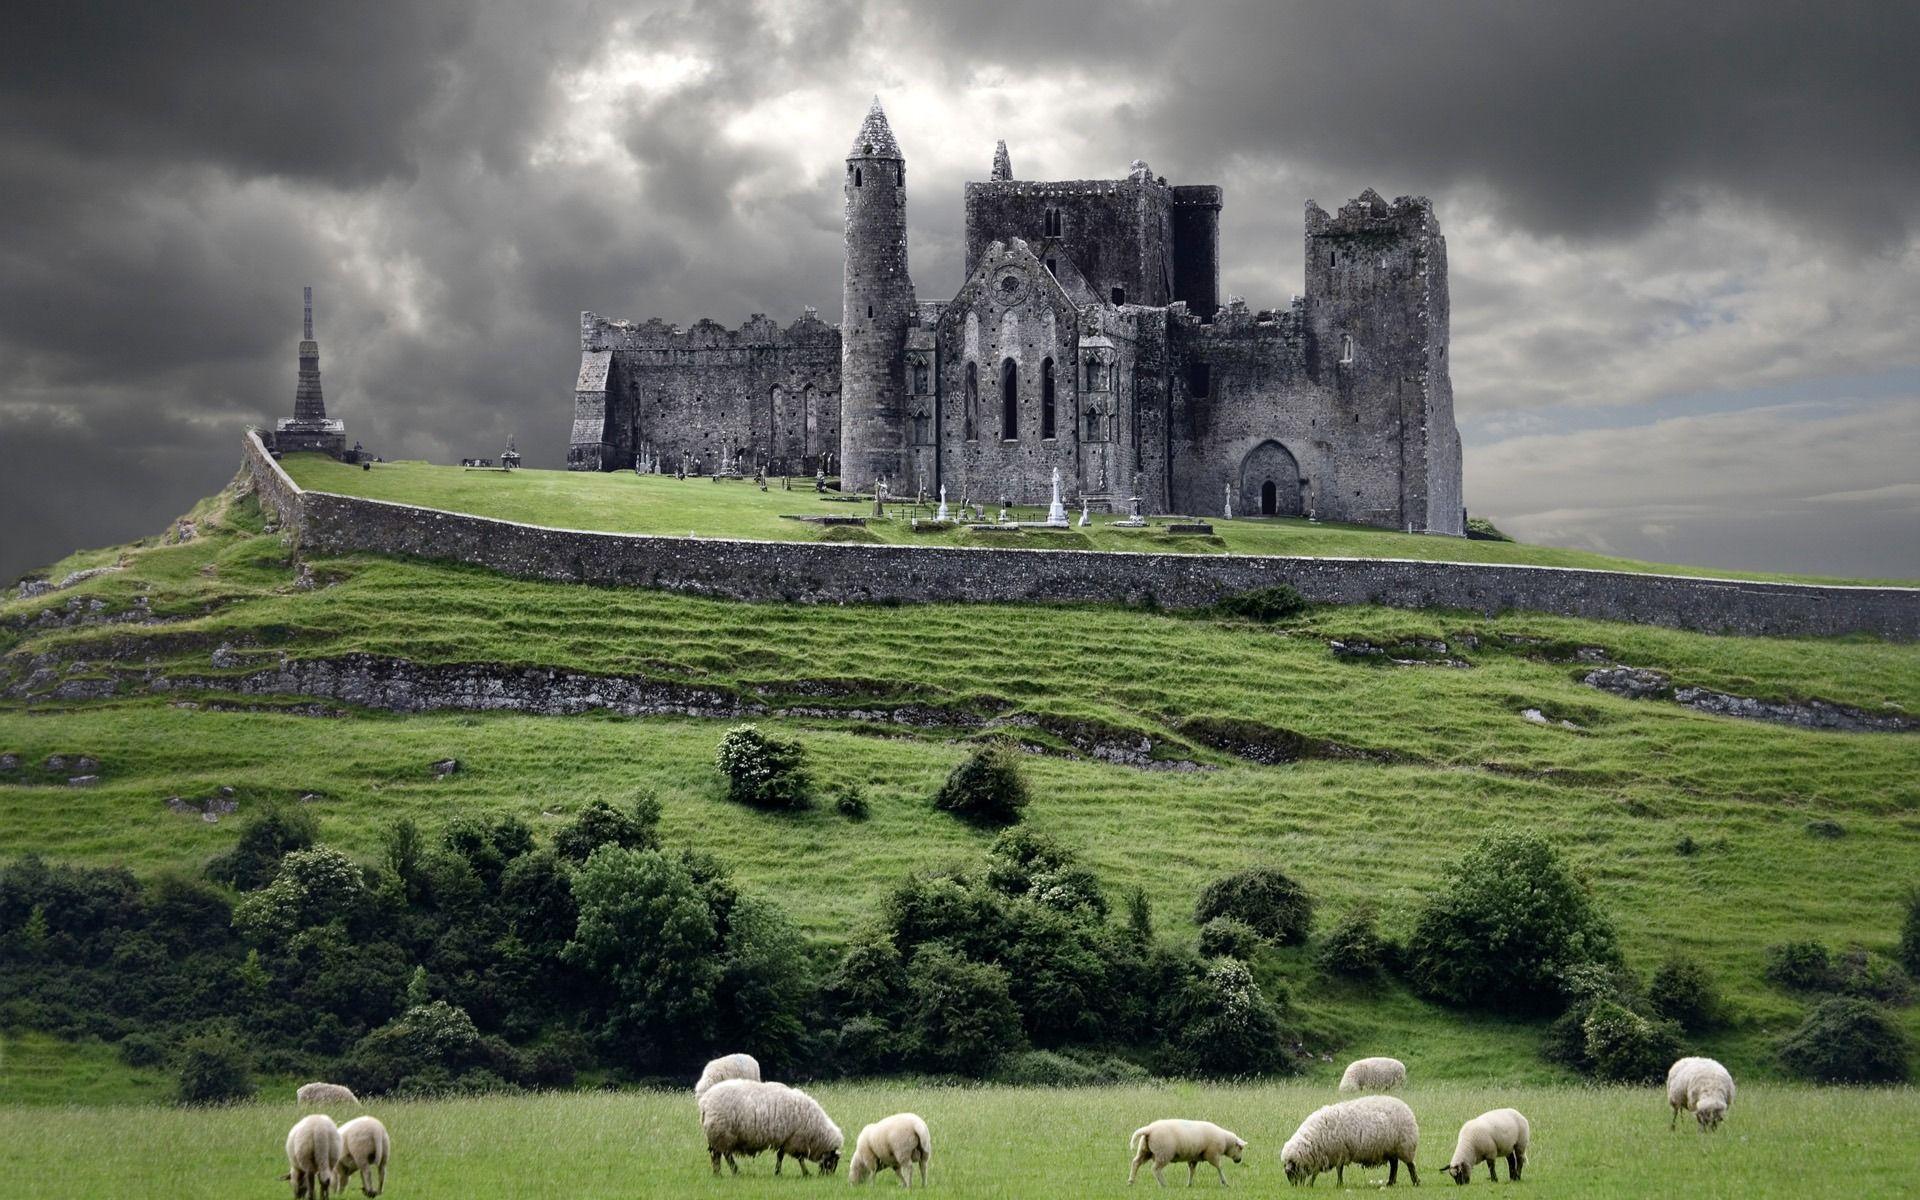 Ireland Scenery Wallpapers Wallpaper